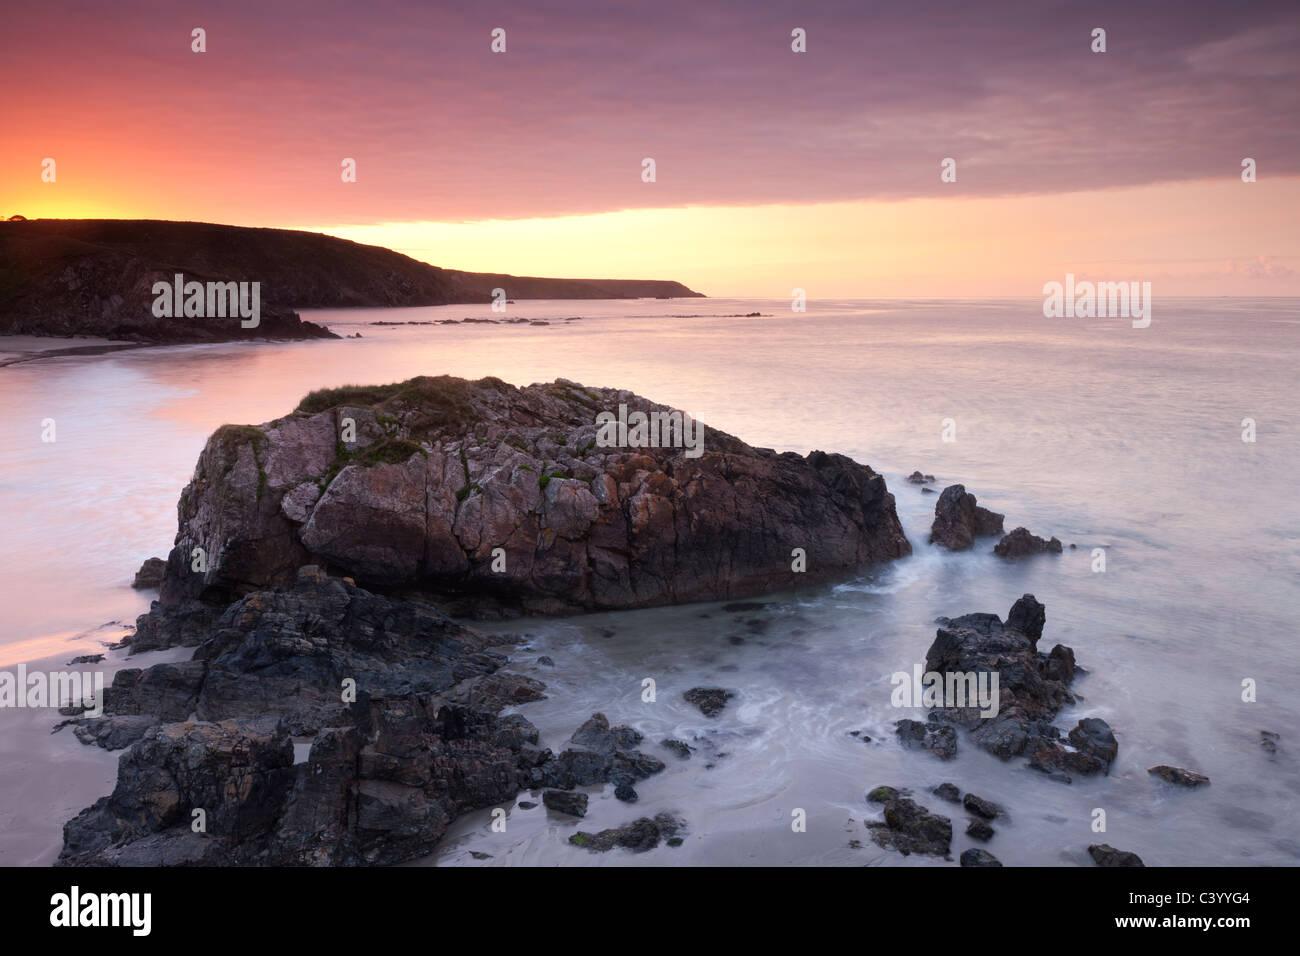 Kennack Sands sur le lever du soleil sur la péninsule de Lizard, Cornwall, Angleterre. Printemps (mai) 2011. Photo Stock